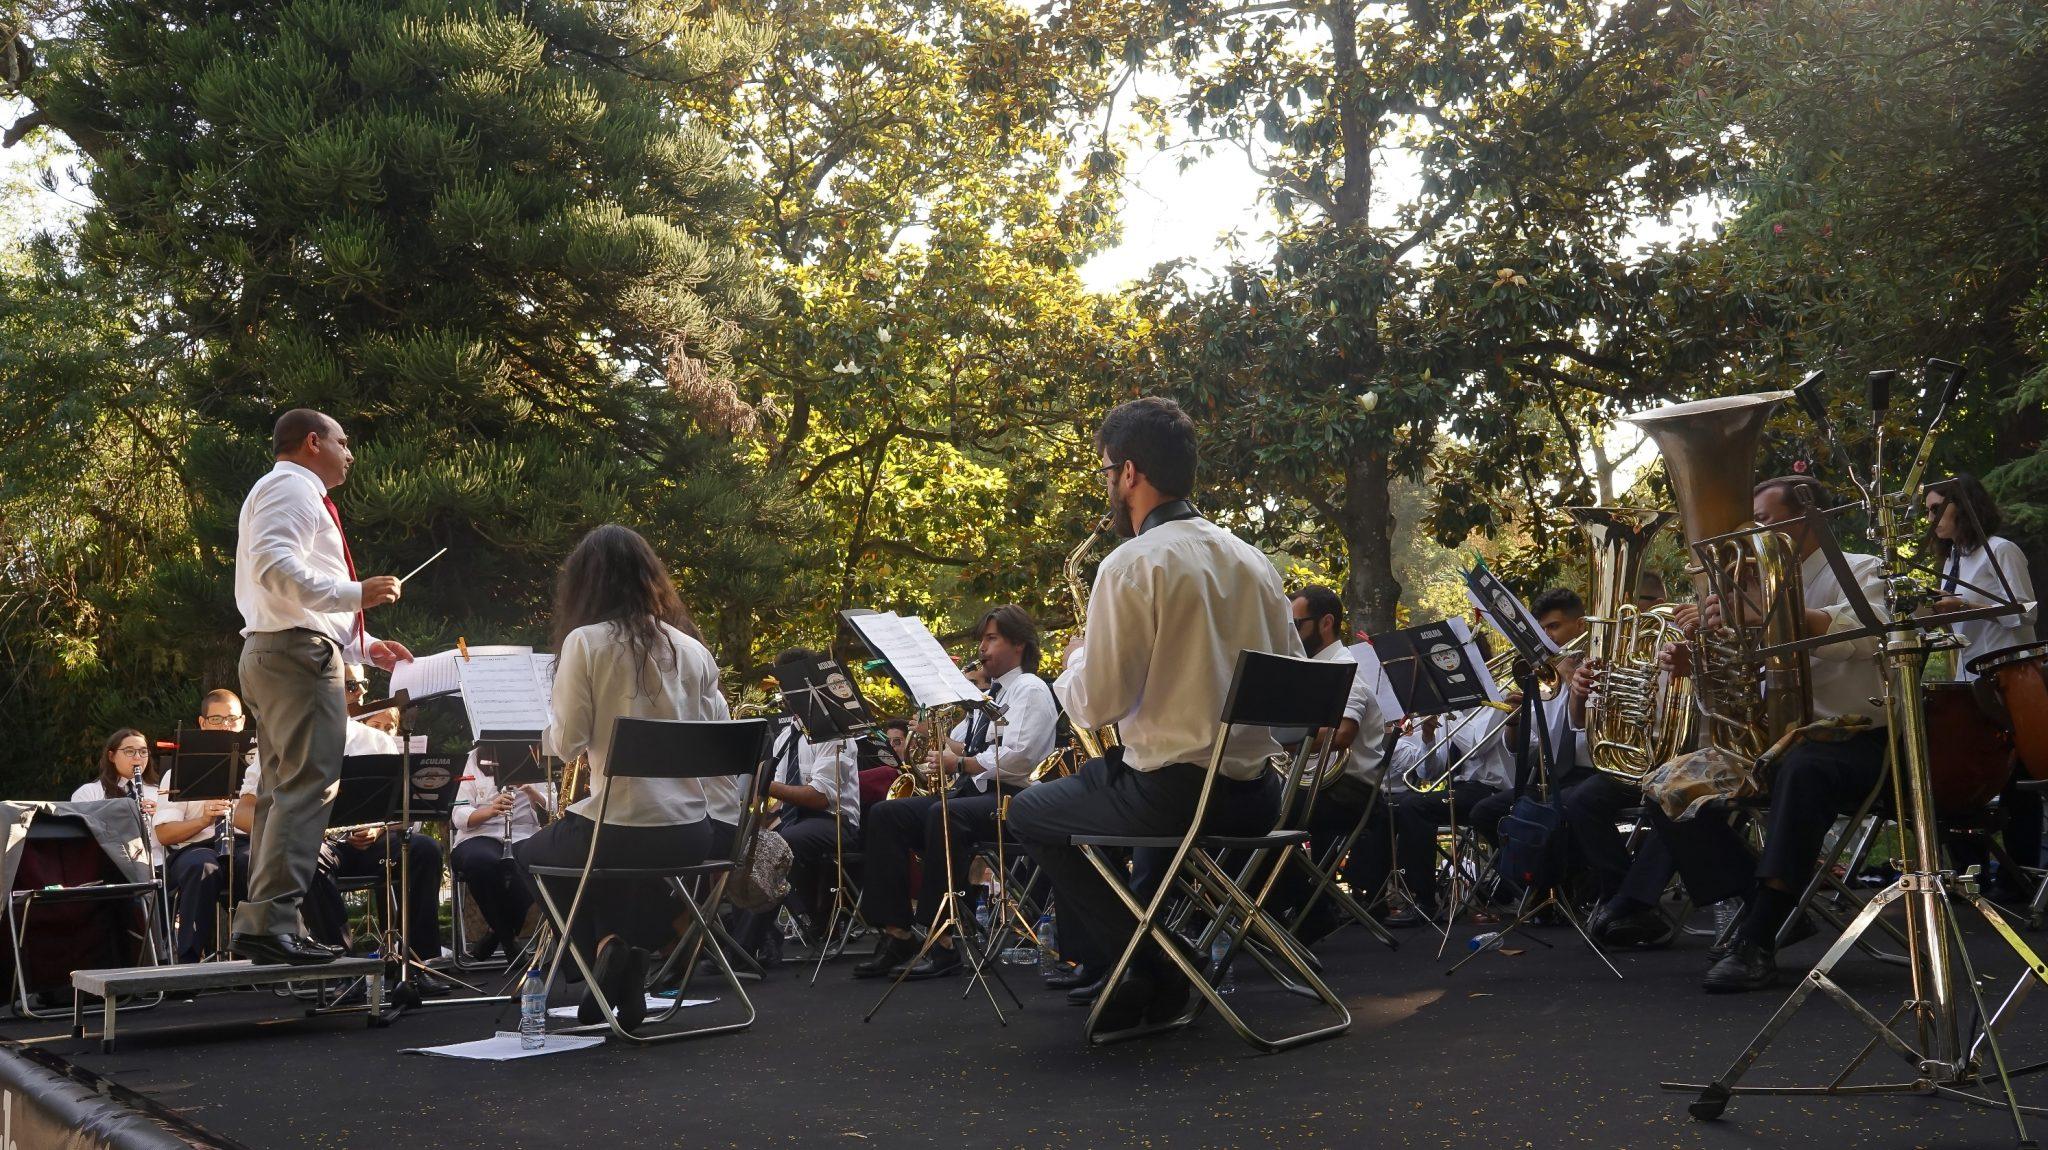 De lado para o observador, elementos de uma banda filarmónica atuam num jardim de árvores altas. No lado esquerdo, o maestro é o único elemento em pé na fotografia.